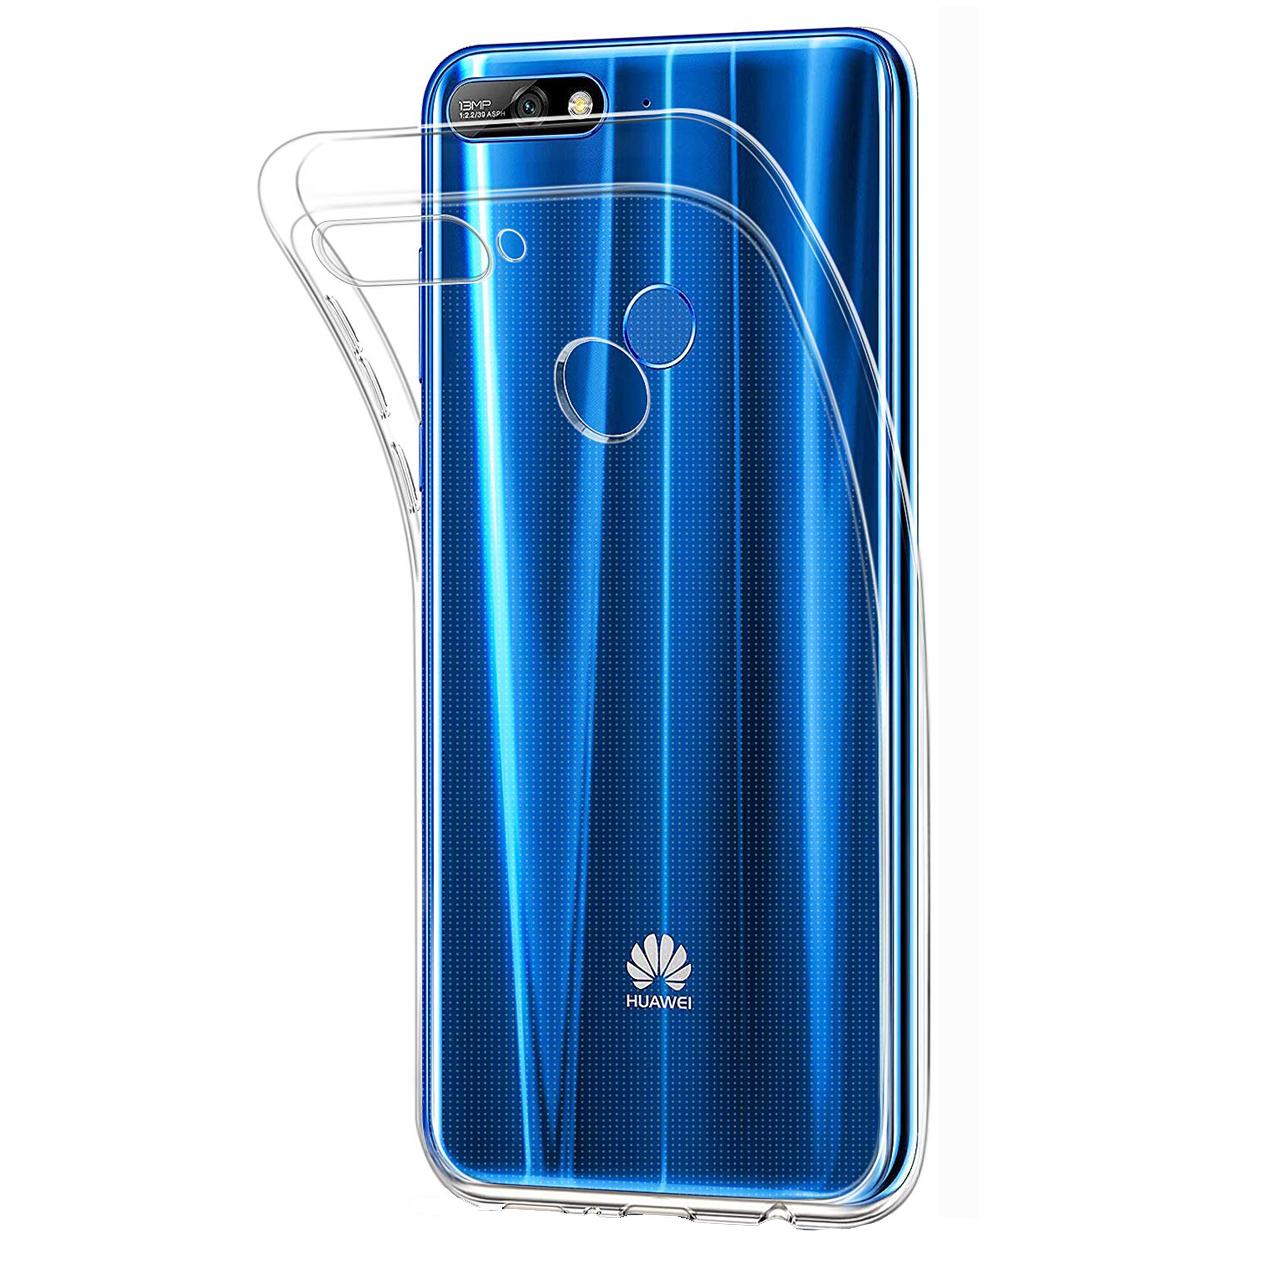 کاور مدل je11 مناسب برای گوشی موبایل هوآوی y7 prime 2018